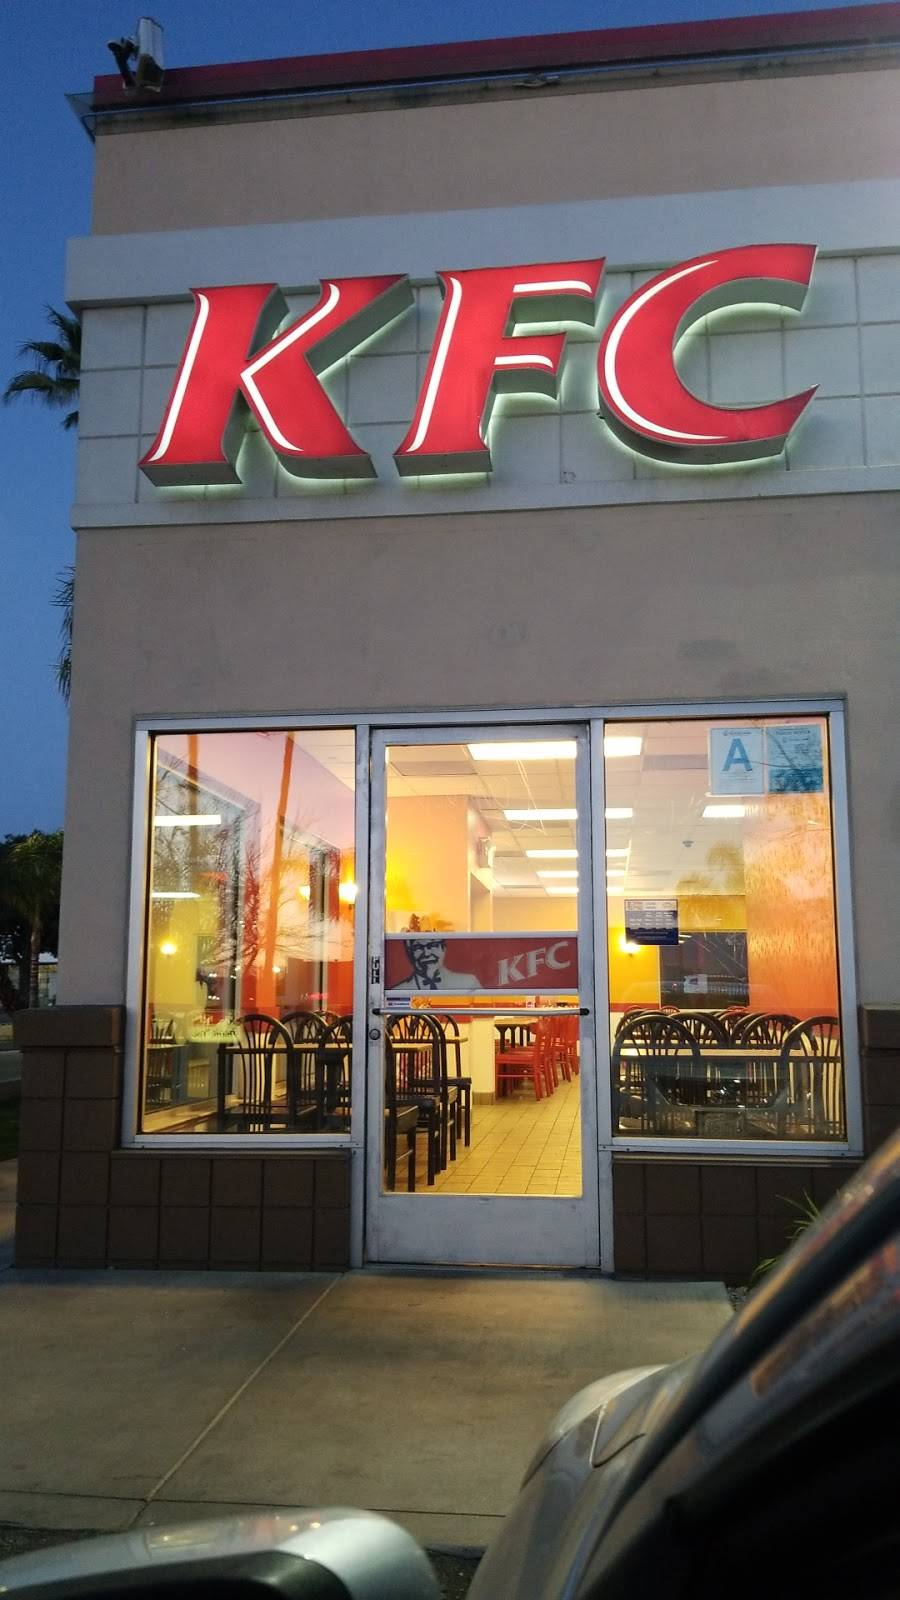 KFC | restaurant | 12910-B, Foothill Blvd, Sylmar, CA 91342, USA | 8188376490 OR +1 818-837-6490